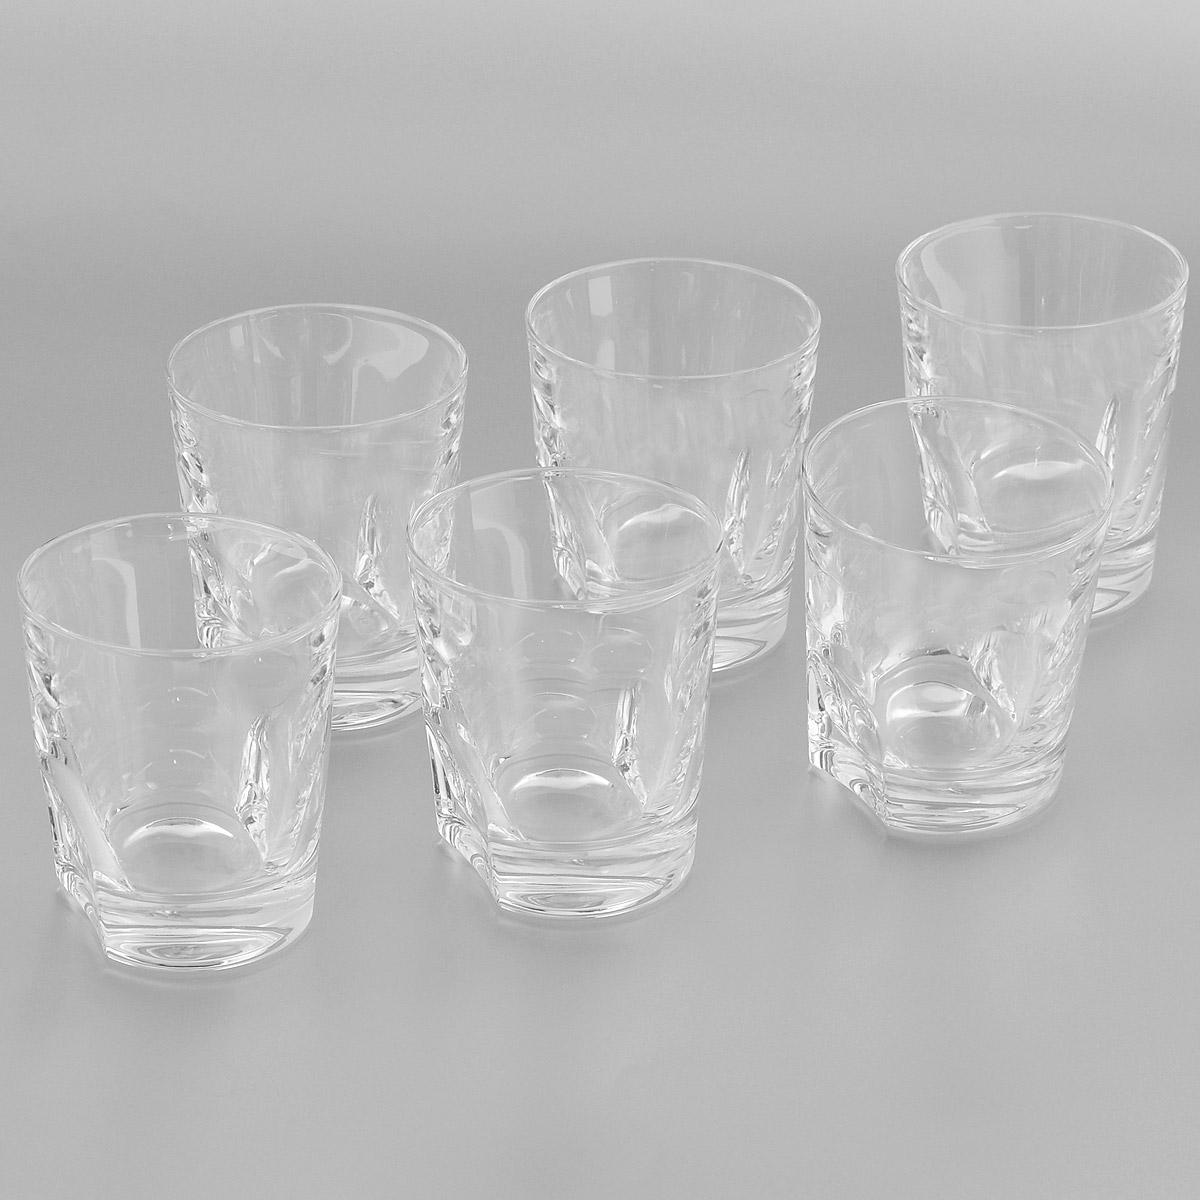 Набор стаканов Crystal Bohemia, 300 мл, 6 шт990/20200/0/37701/300-609Набор Crystal Bohemia состоит из шести стаканов. Изделия выполнены из прочного высококачественного хрусталя. Они излучают приятный блеск и издают мелодичный звон. Набор предназначен для подачи виски, бренди или коктейлей. Набор Crystal Bohemia прекрасно оформит интерьер кабинета или гостиной и станет отличным дополнением бара. Такой набор также станет хорошим подарком к любому случаю. Диаметр по верхнему краю: 8 см.Высота стакана: 9 см.Размер основания: 6,8 см х 5 см.